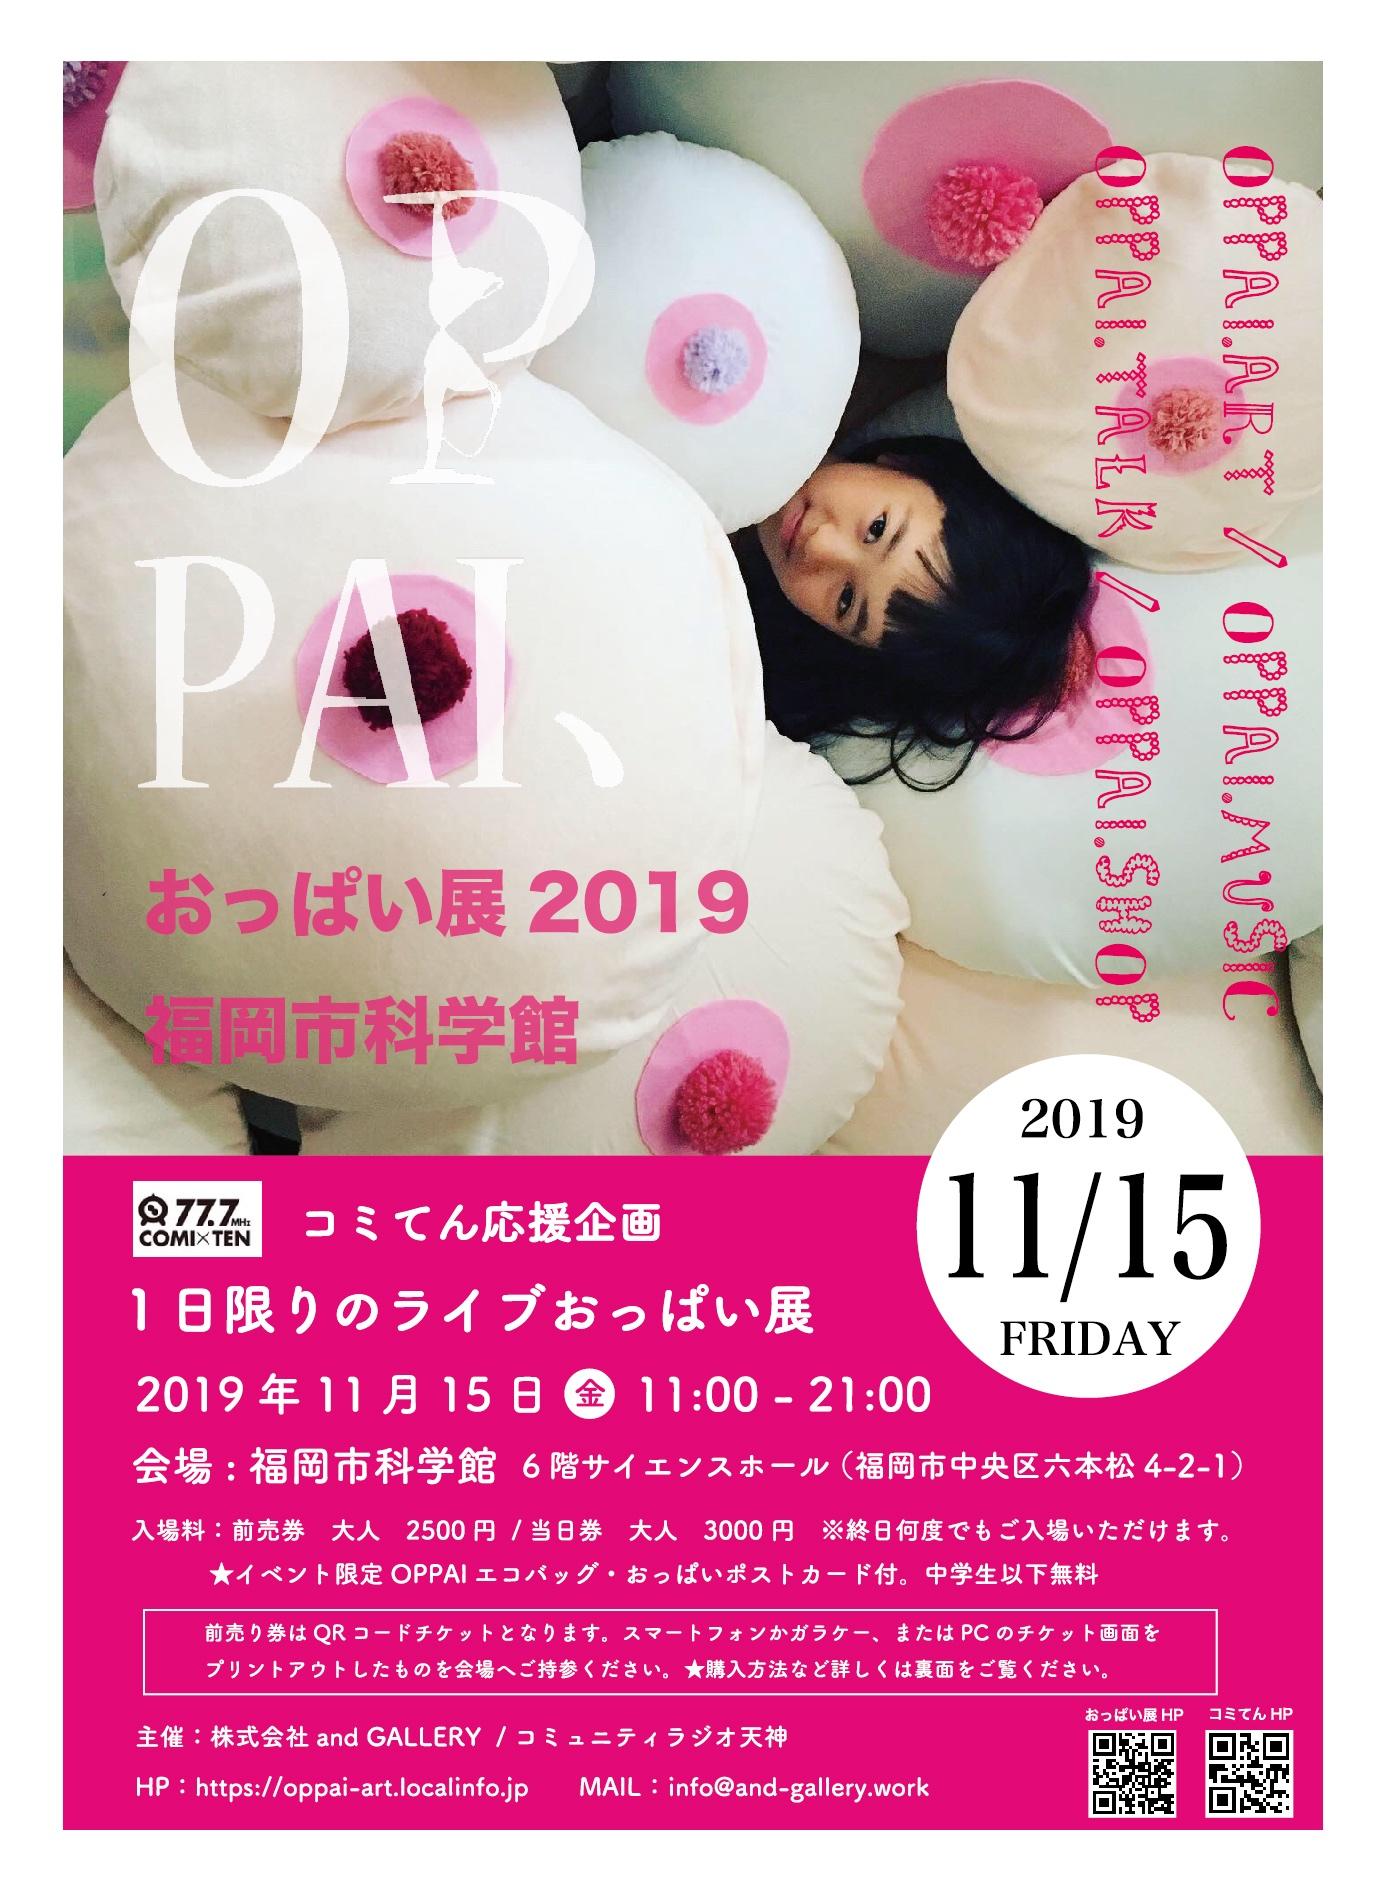 コミてん応援企画 おっぱい展2019